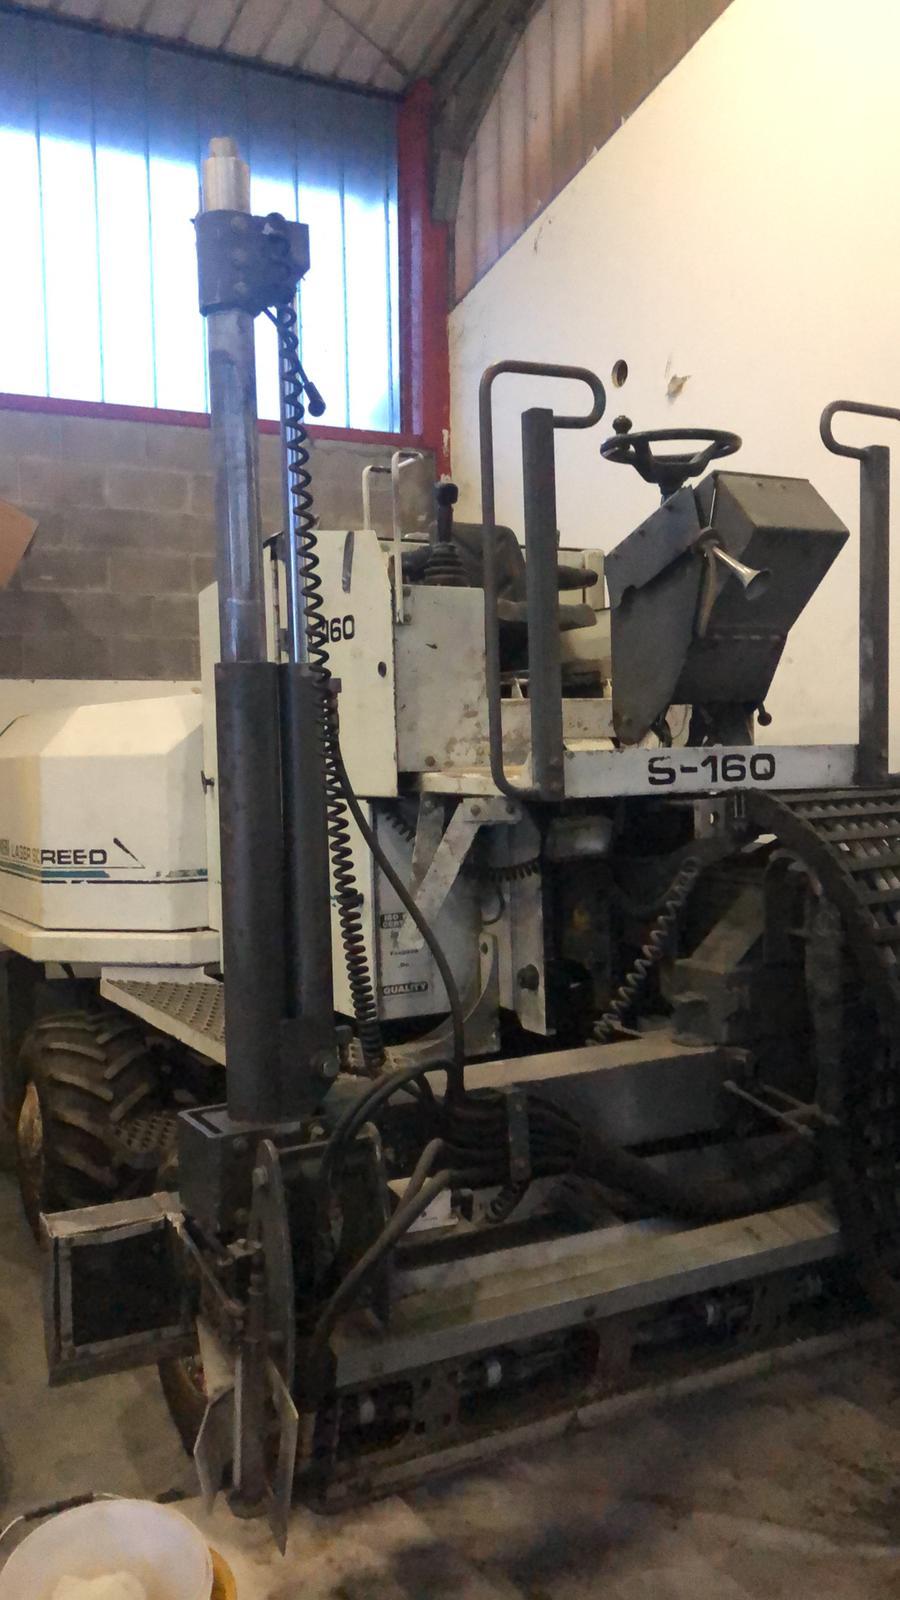 Laser Screed Somero S-160 in vendita - foto 3